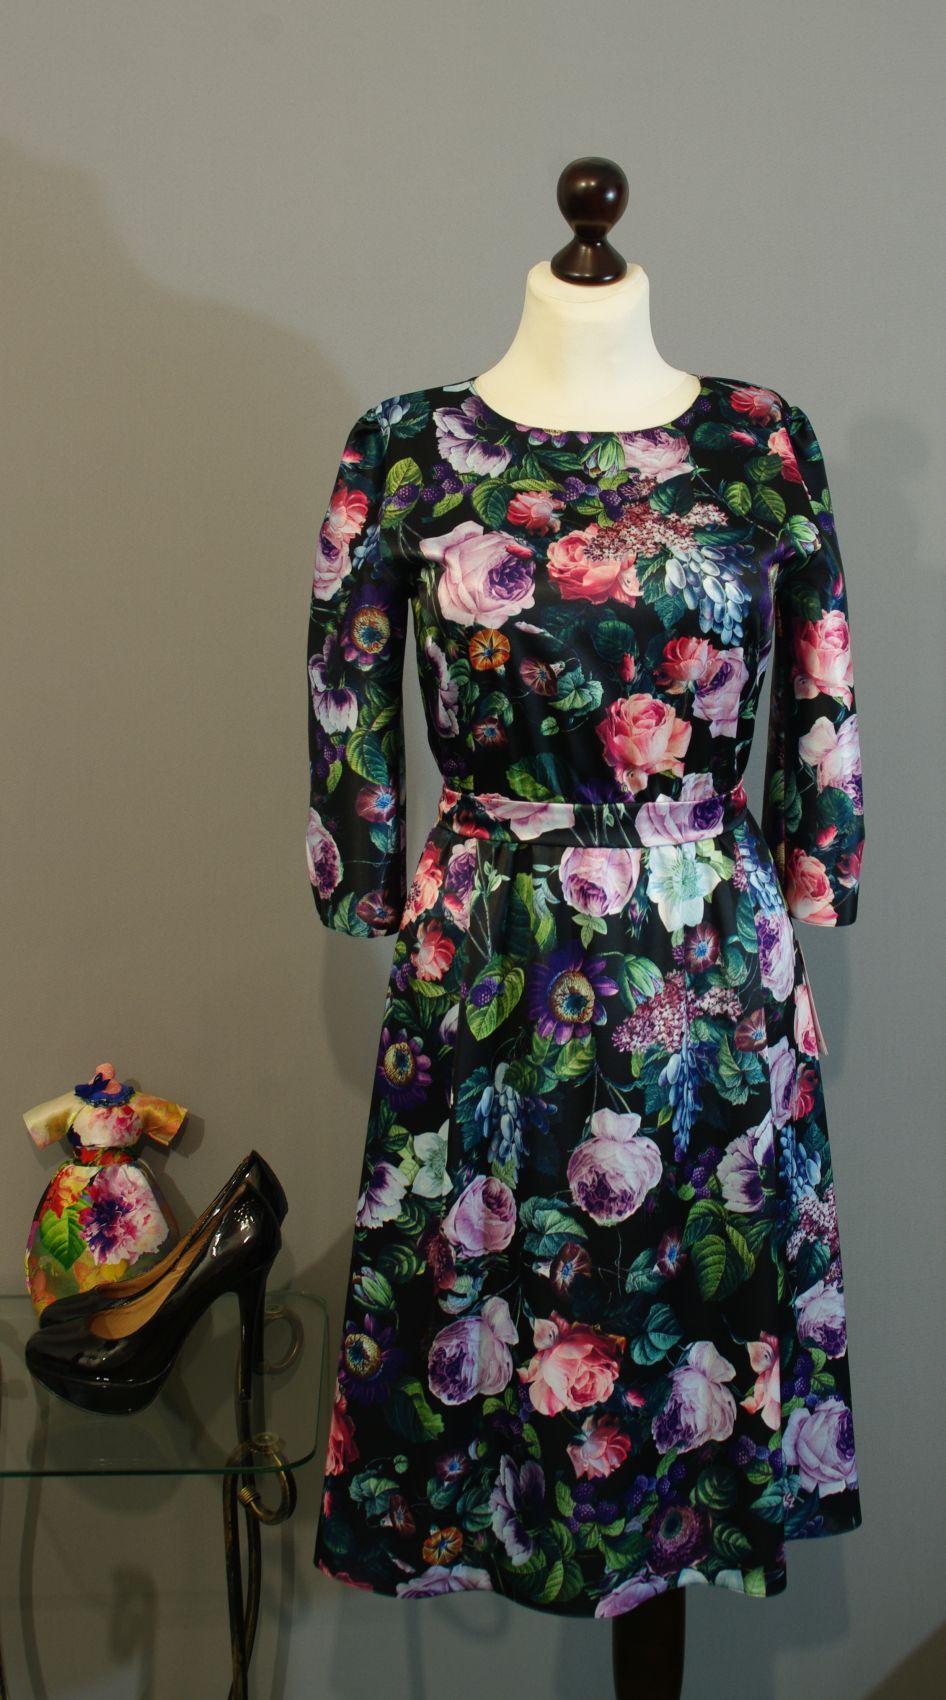 b3d83af5845 платья киев платье-терапия купить (16)